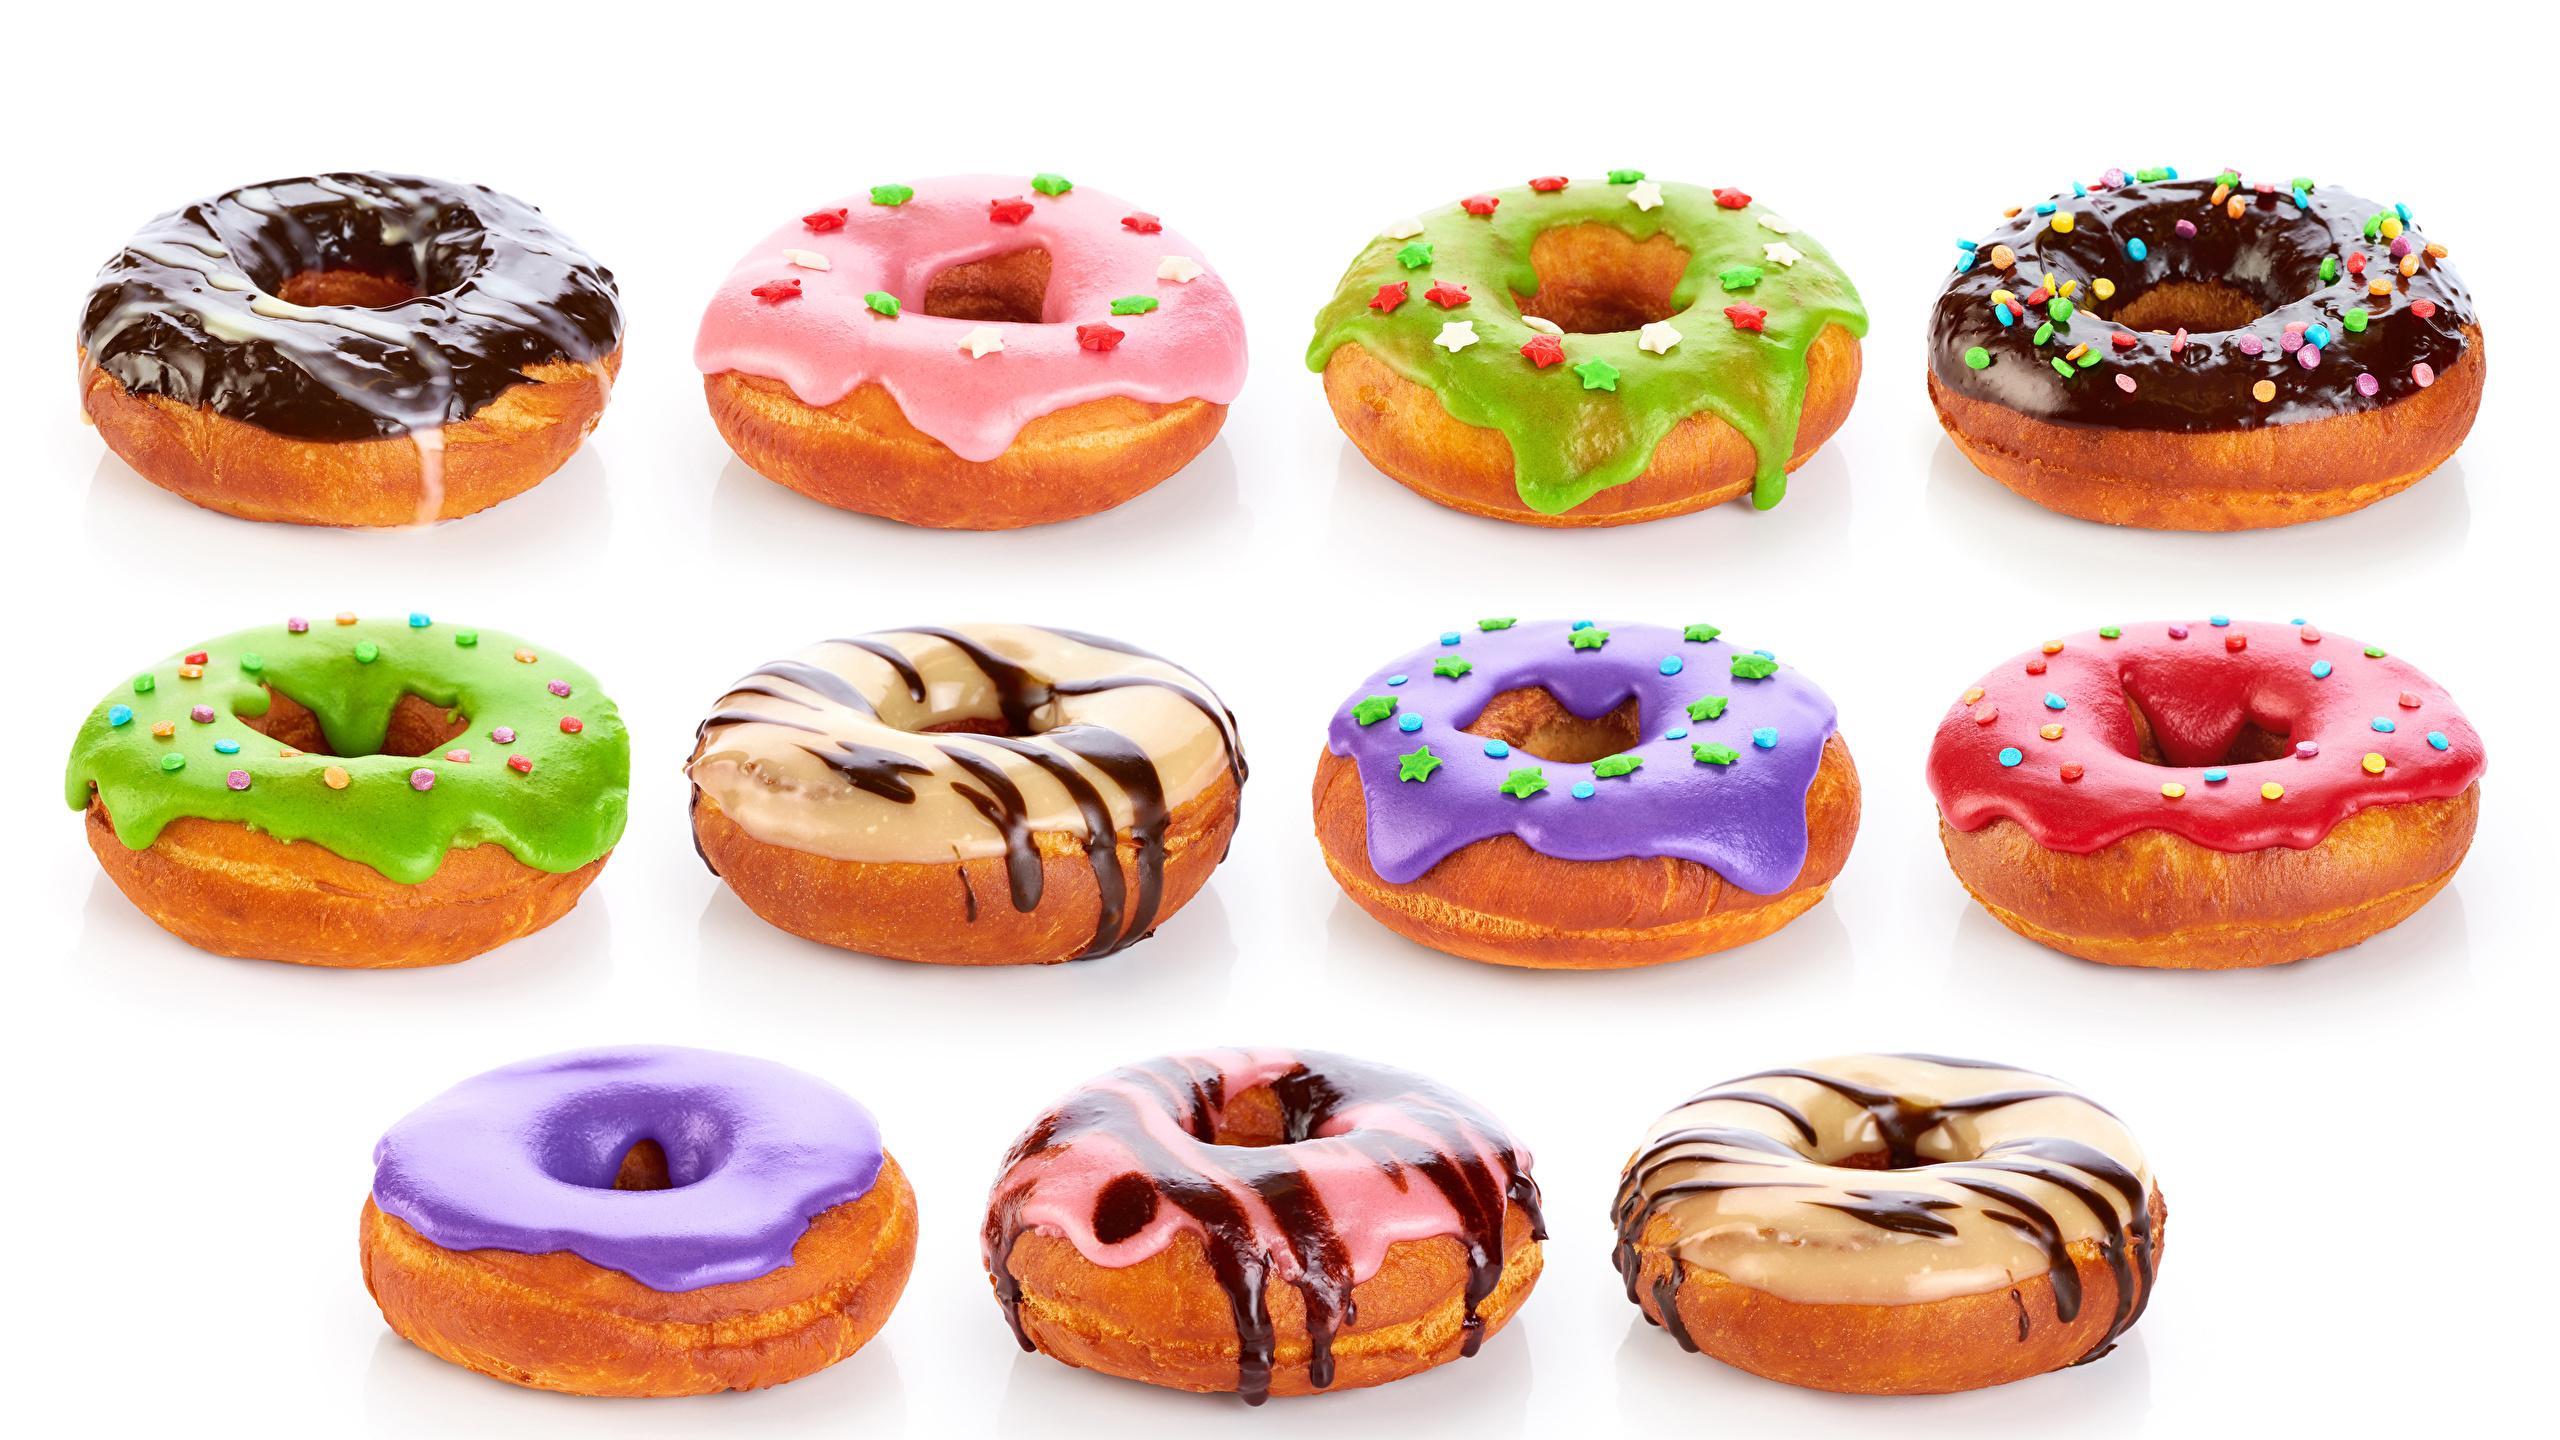 Картинка Разноцветные Шоколад Пончики Еда белом фоне 2560x1440 Пища Продукты питания Белый фон белым фоном